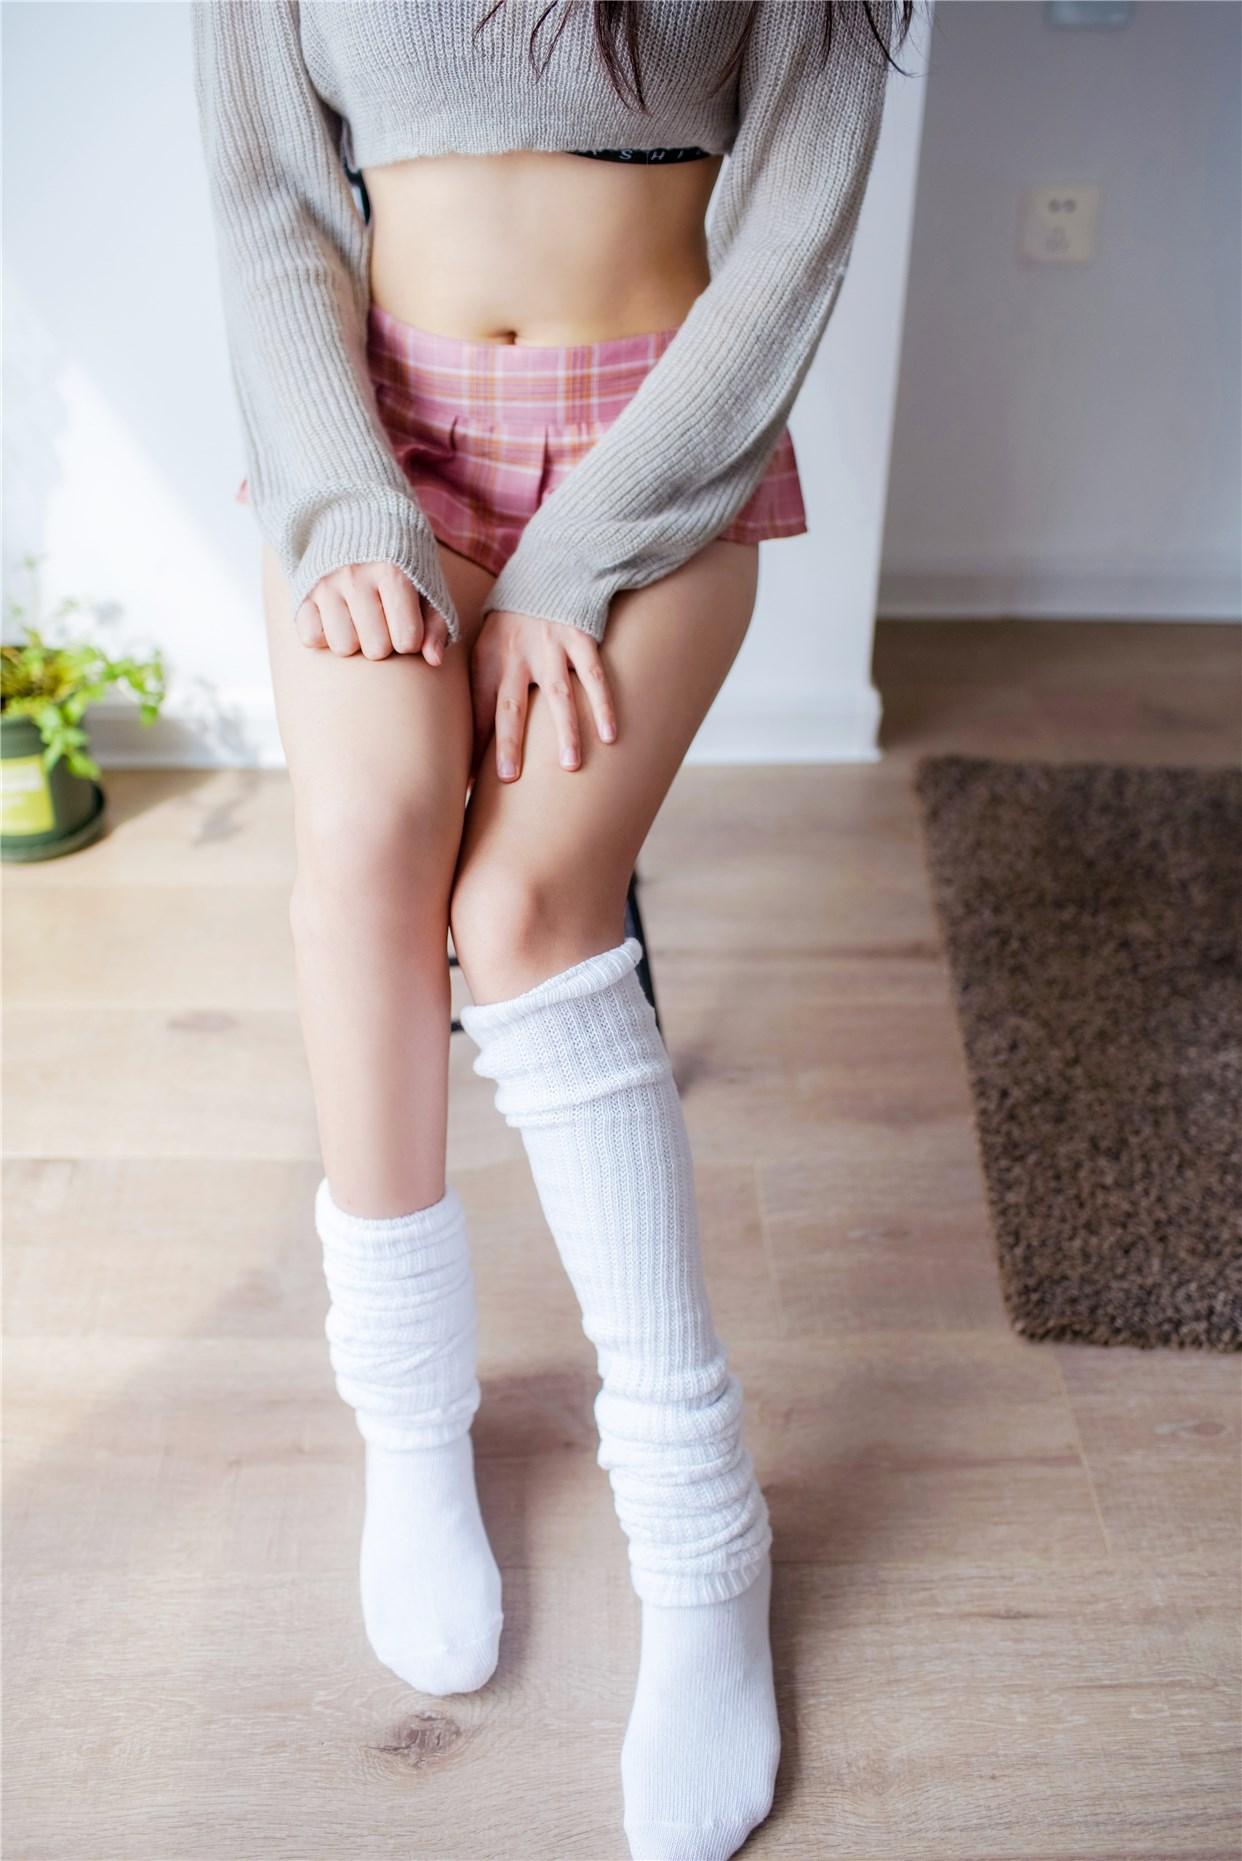 【兔玩映画】毛衣短裙 兔玩映画 第26张